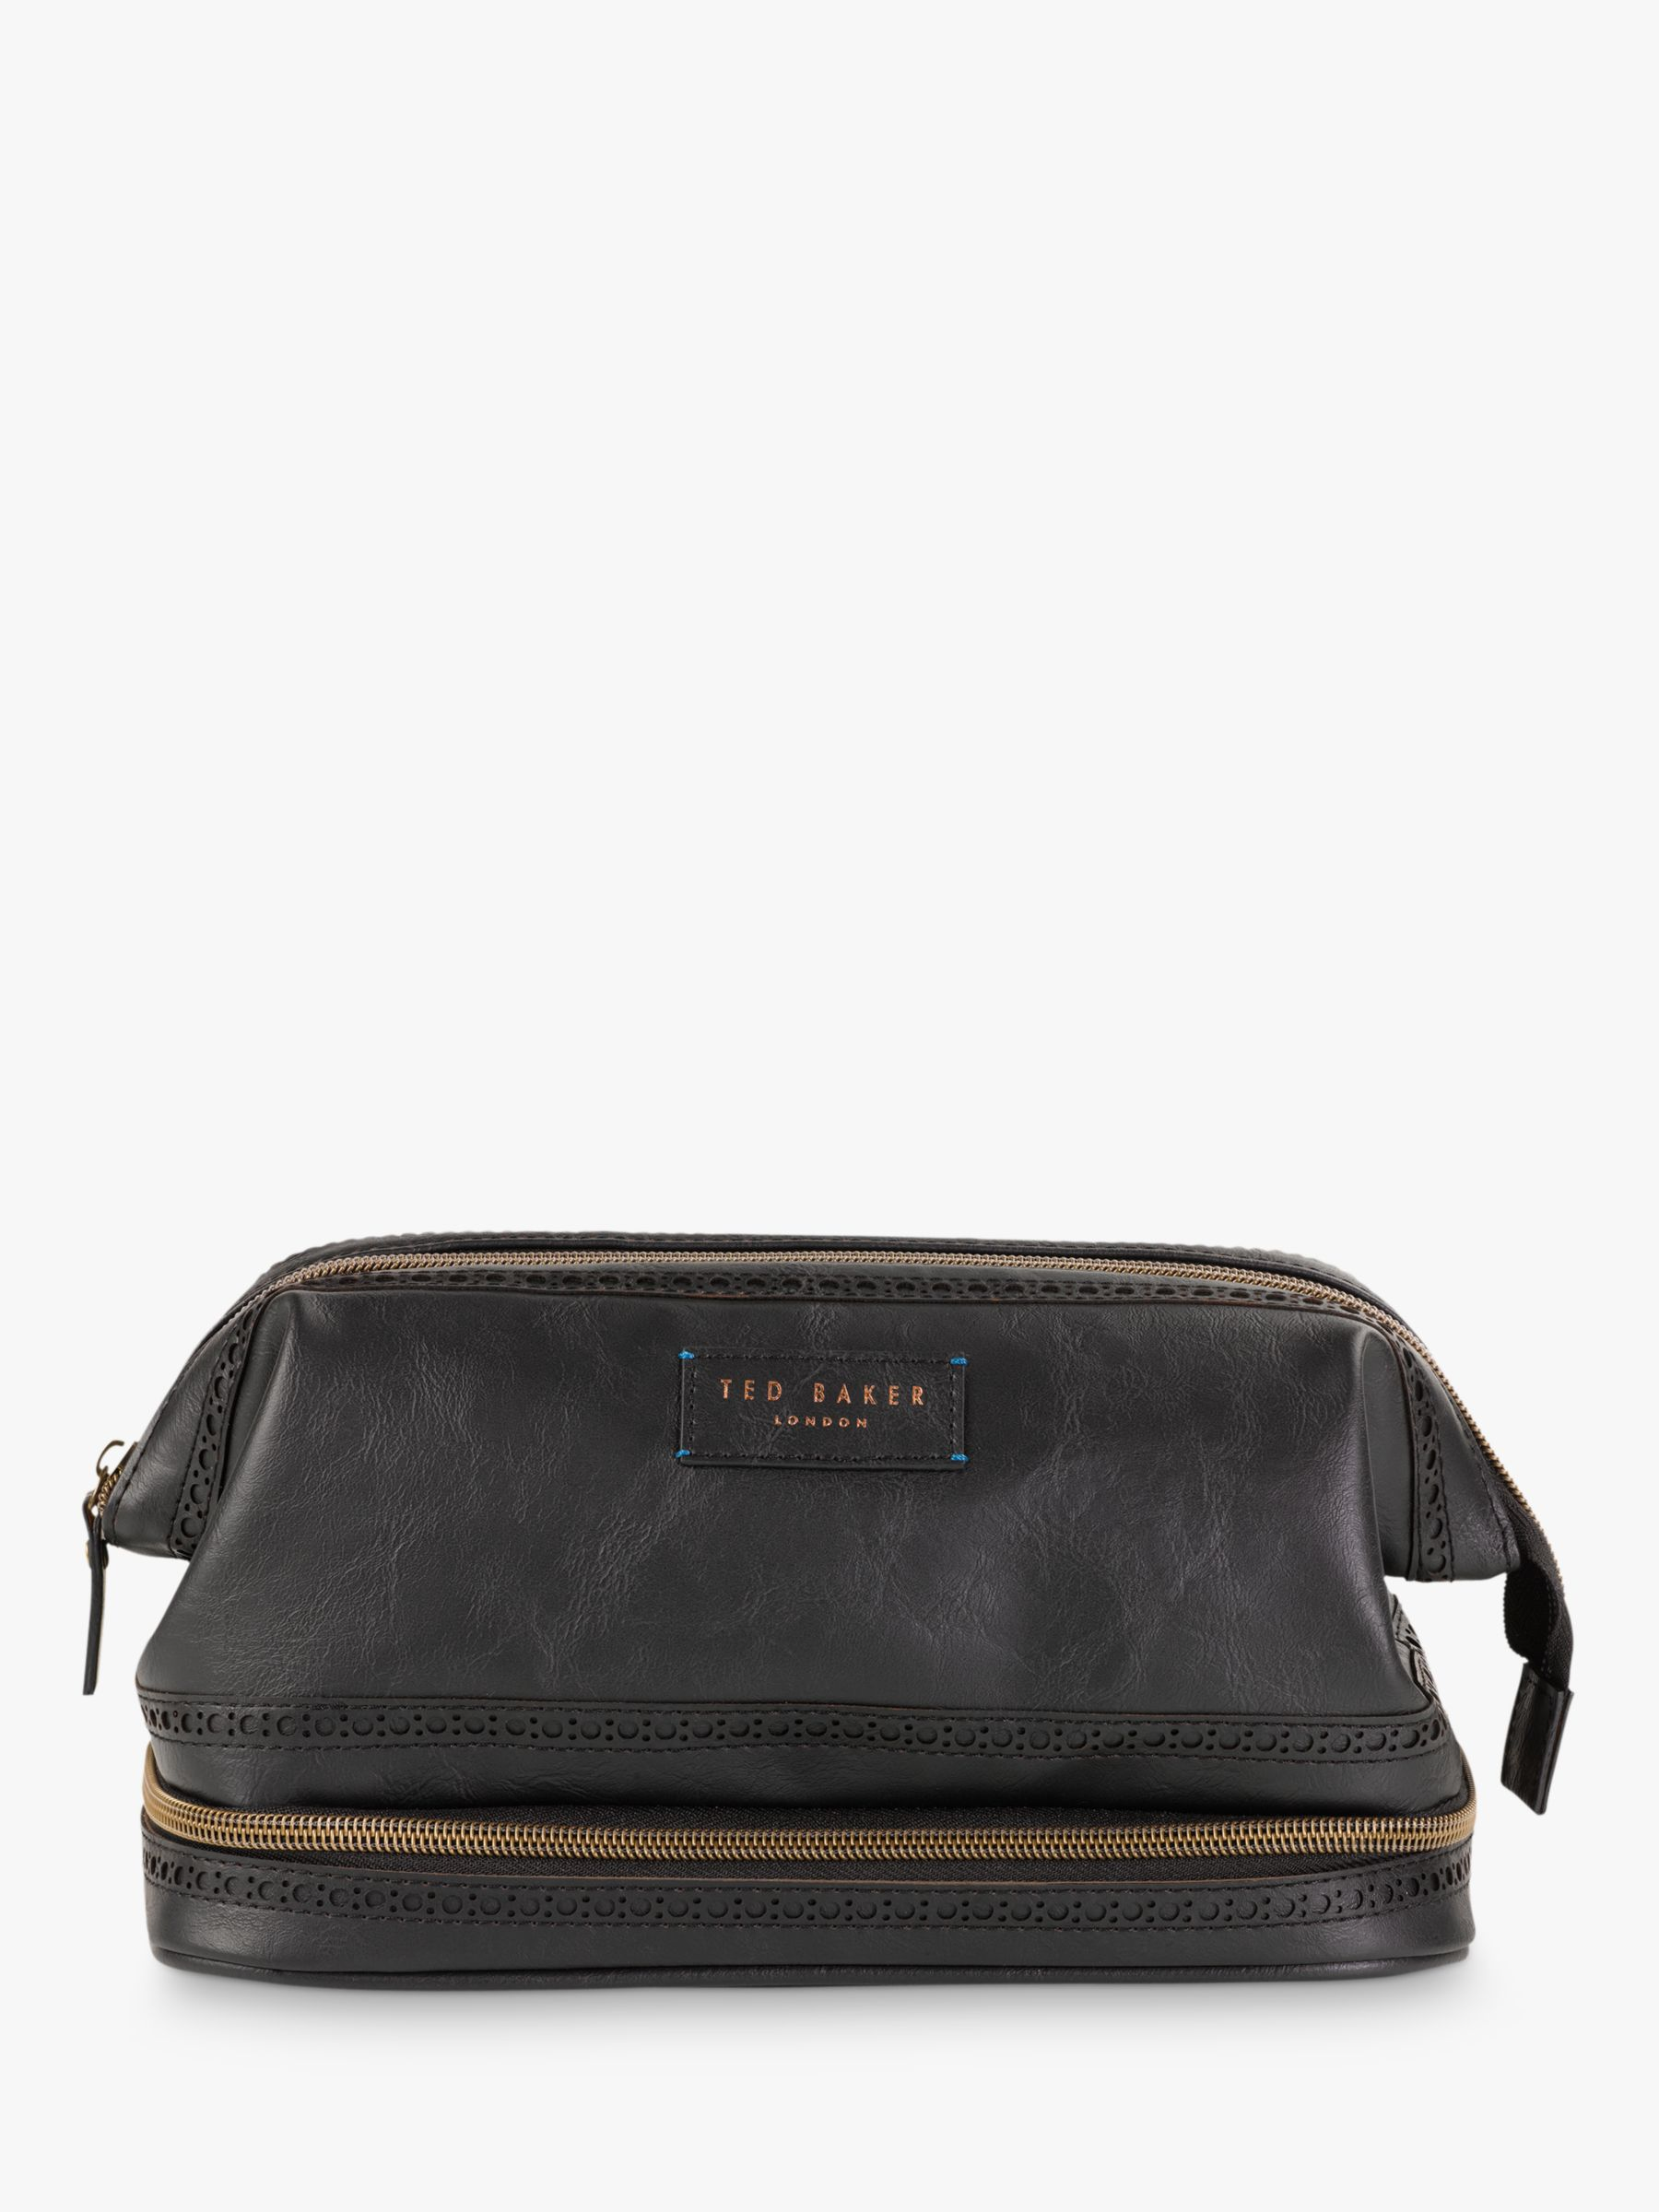 Ted Baker Cobbler Wash Bag at John Lewis & Partners